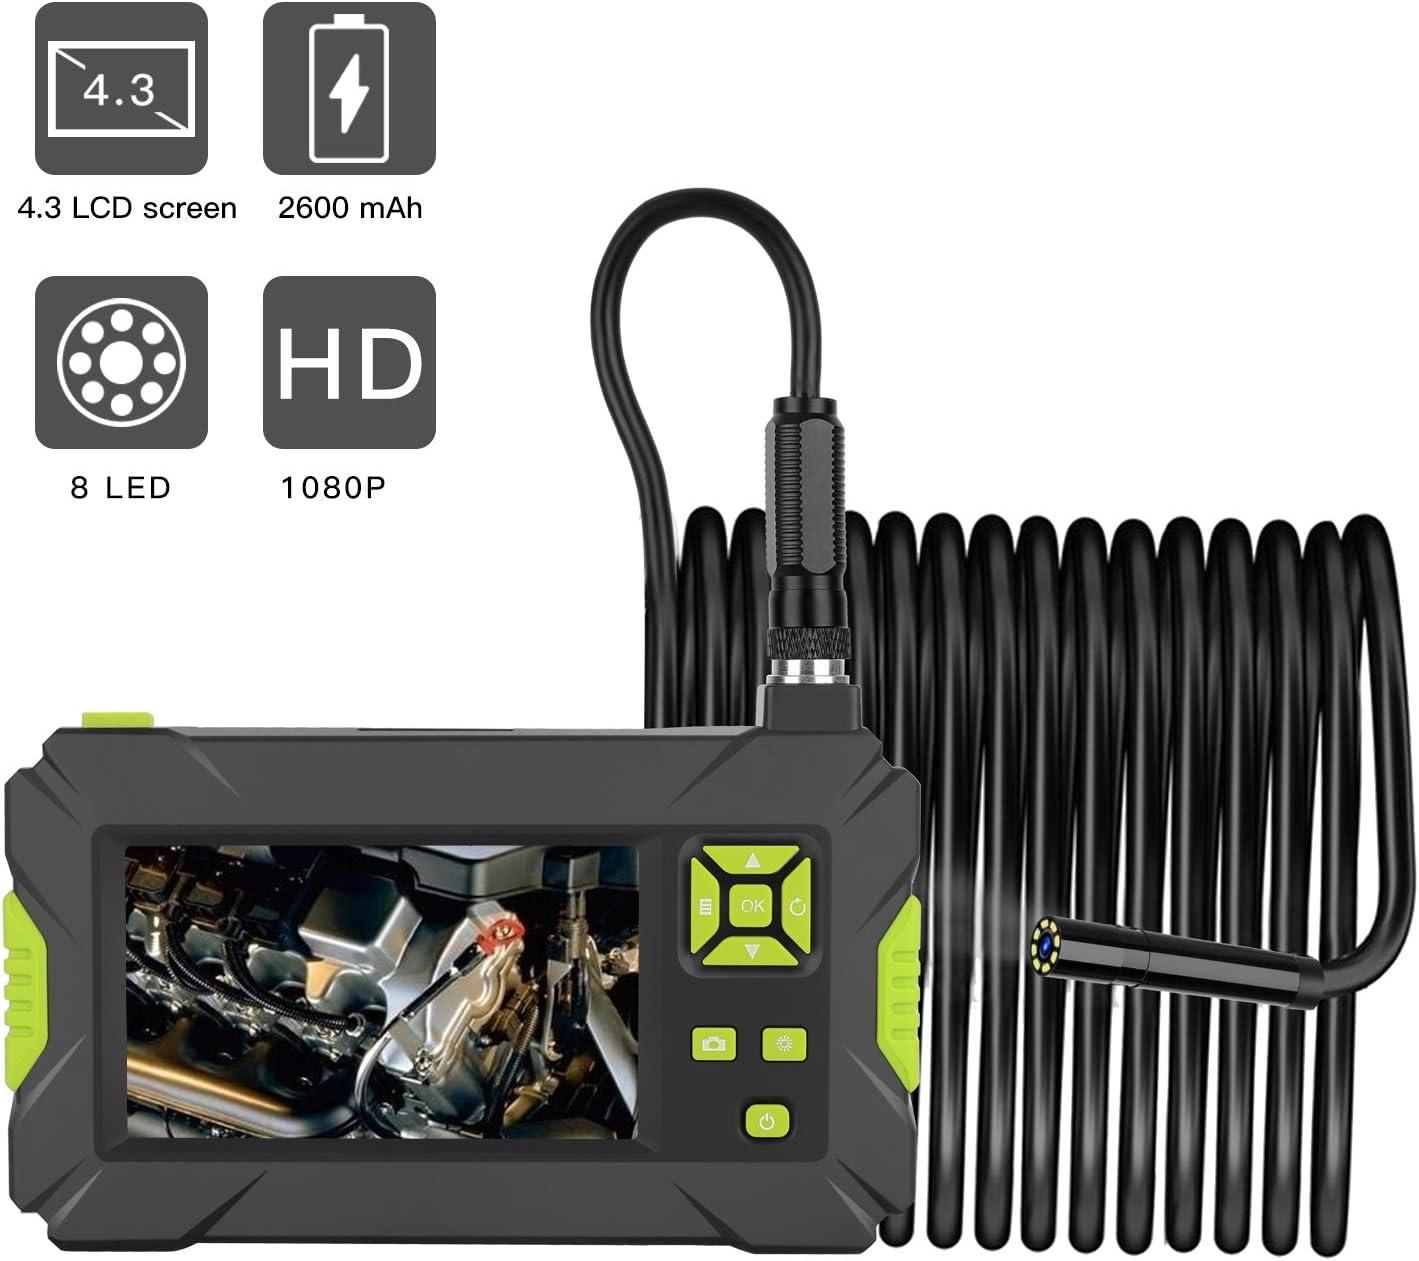 WOGQX 1080P HD Industrielles Endoskop 4.3In Bildschirm 8MM Durchmesser Endoskop 2600Mah Batterie Serpentine Kamera Inspektionskamera IP67 Wasserdicht Reparatur Schlangenkamera 6.56//16.4//32.8FT,2m